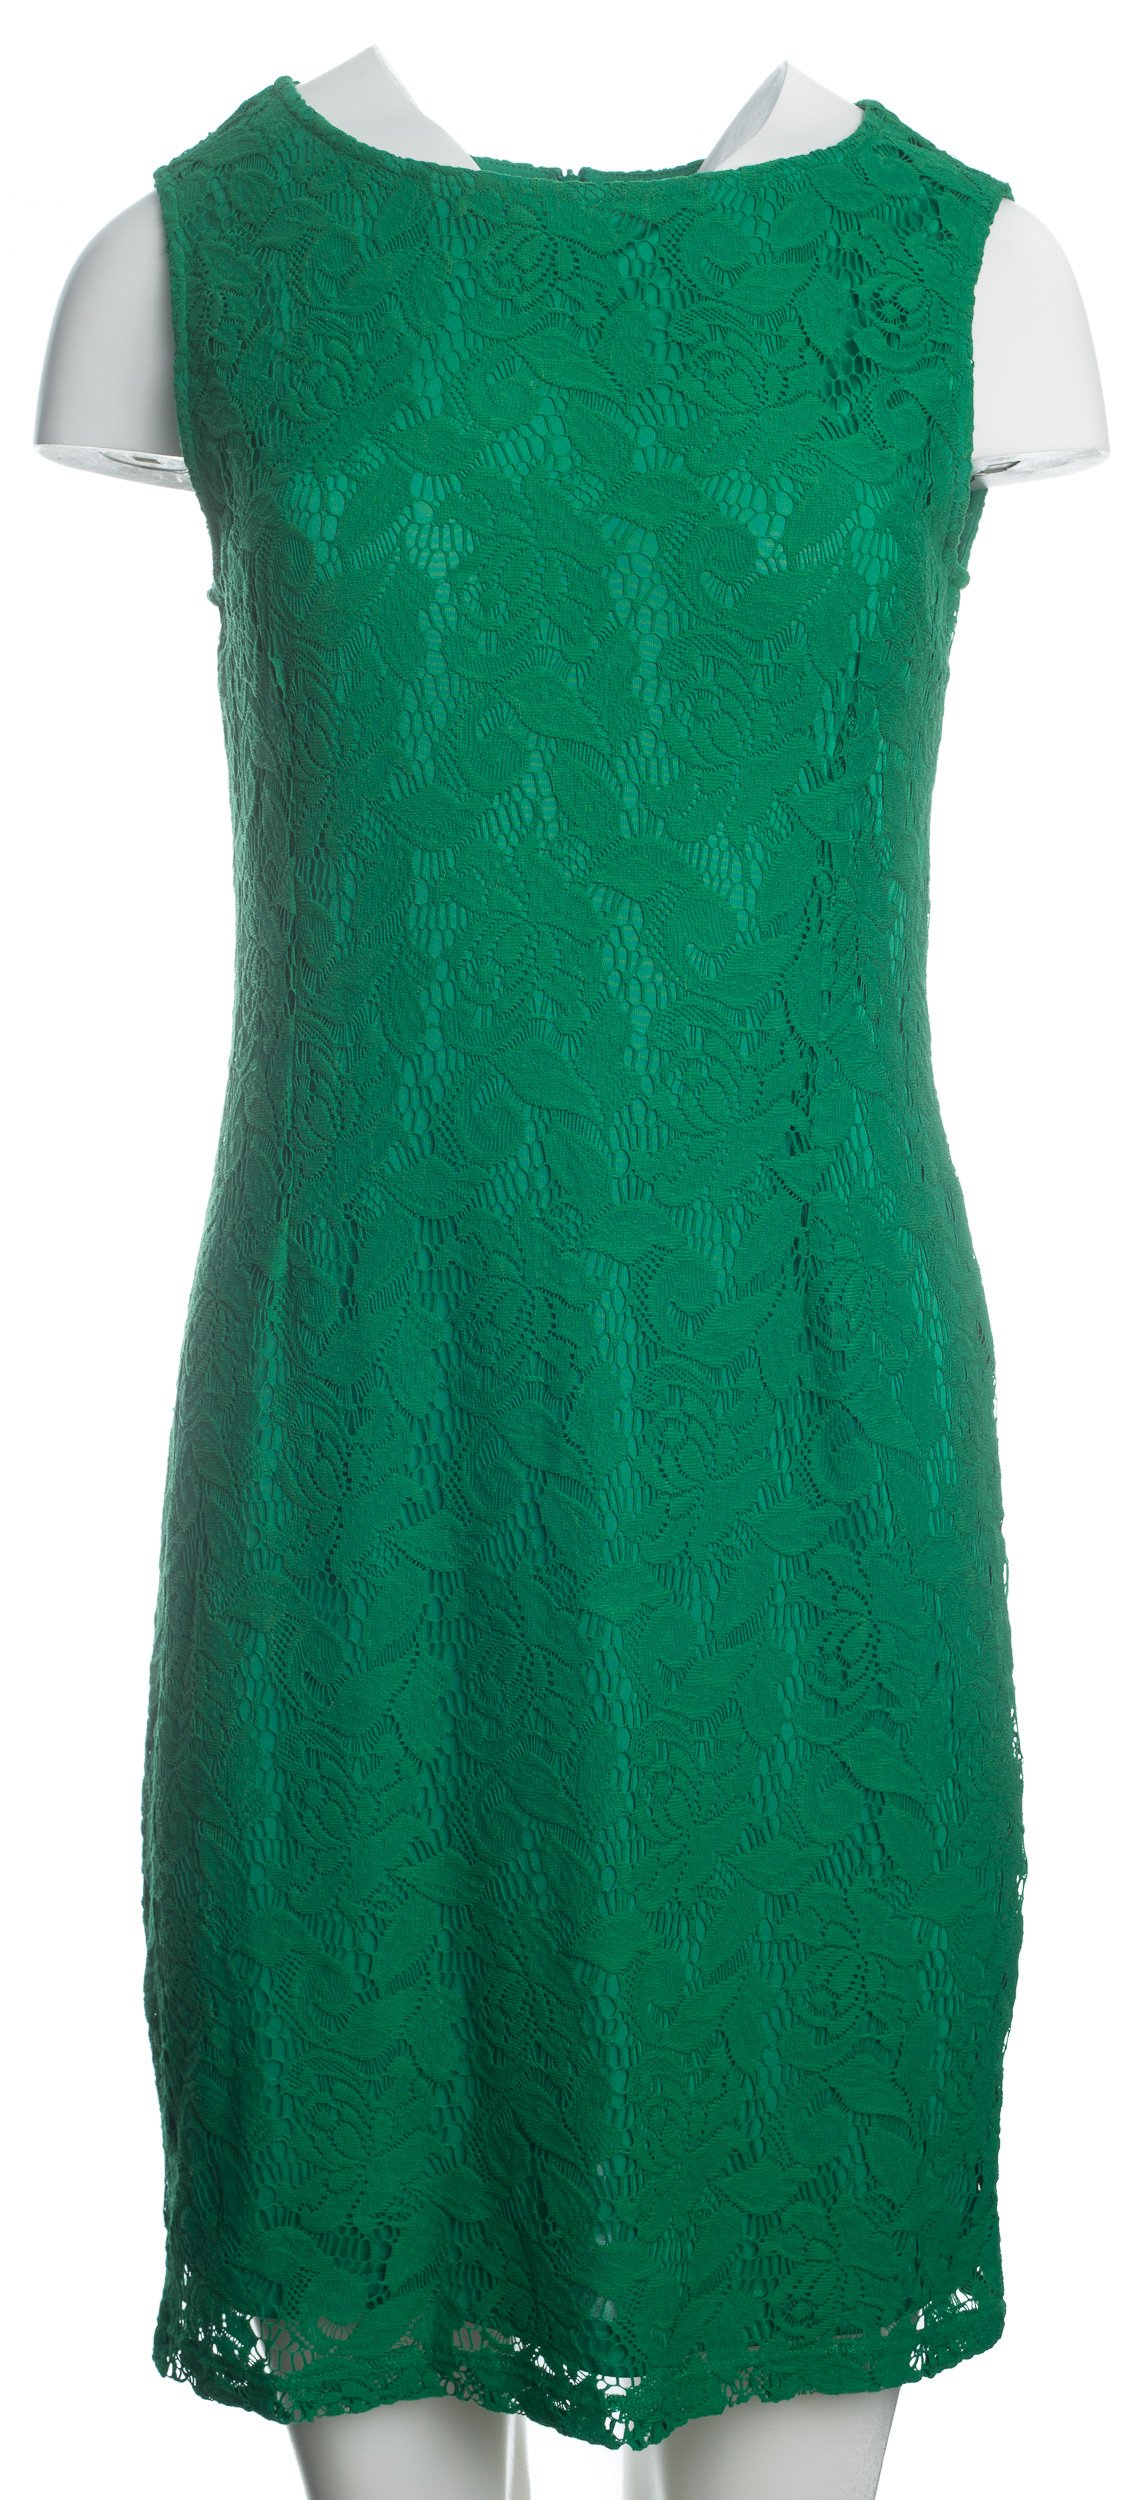 f6c7039bdc1da6 S.OLIVER zielona koronkowa sukienka r.L - 7341808271 - oficjalne ...